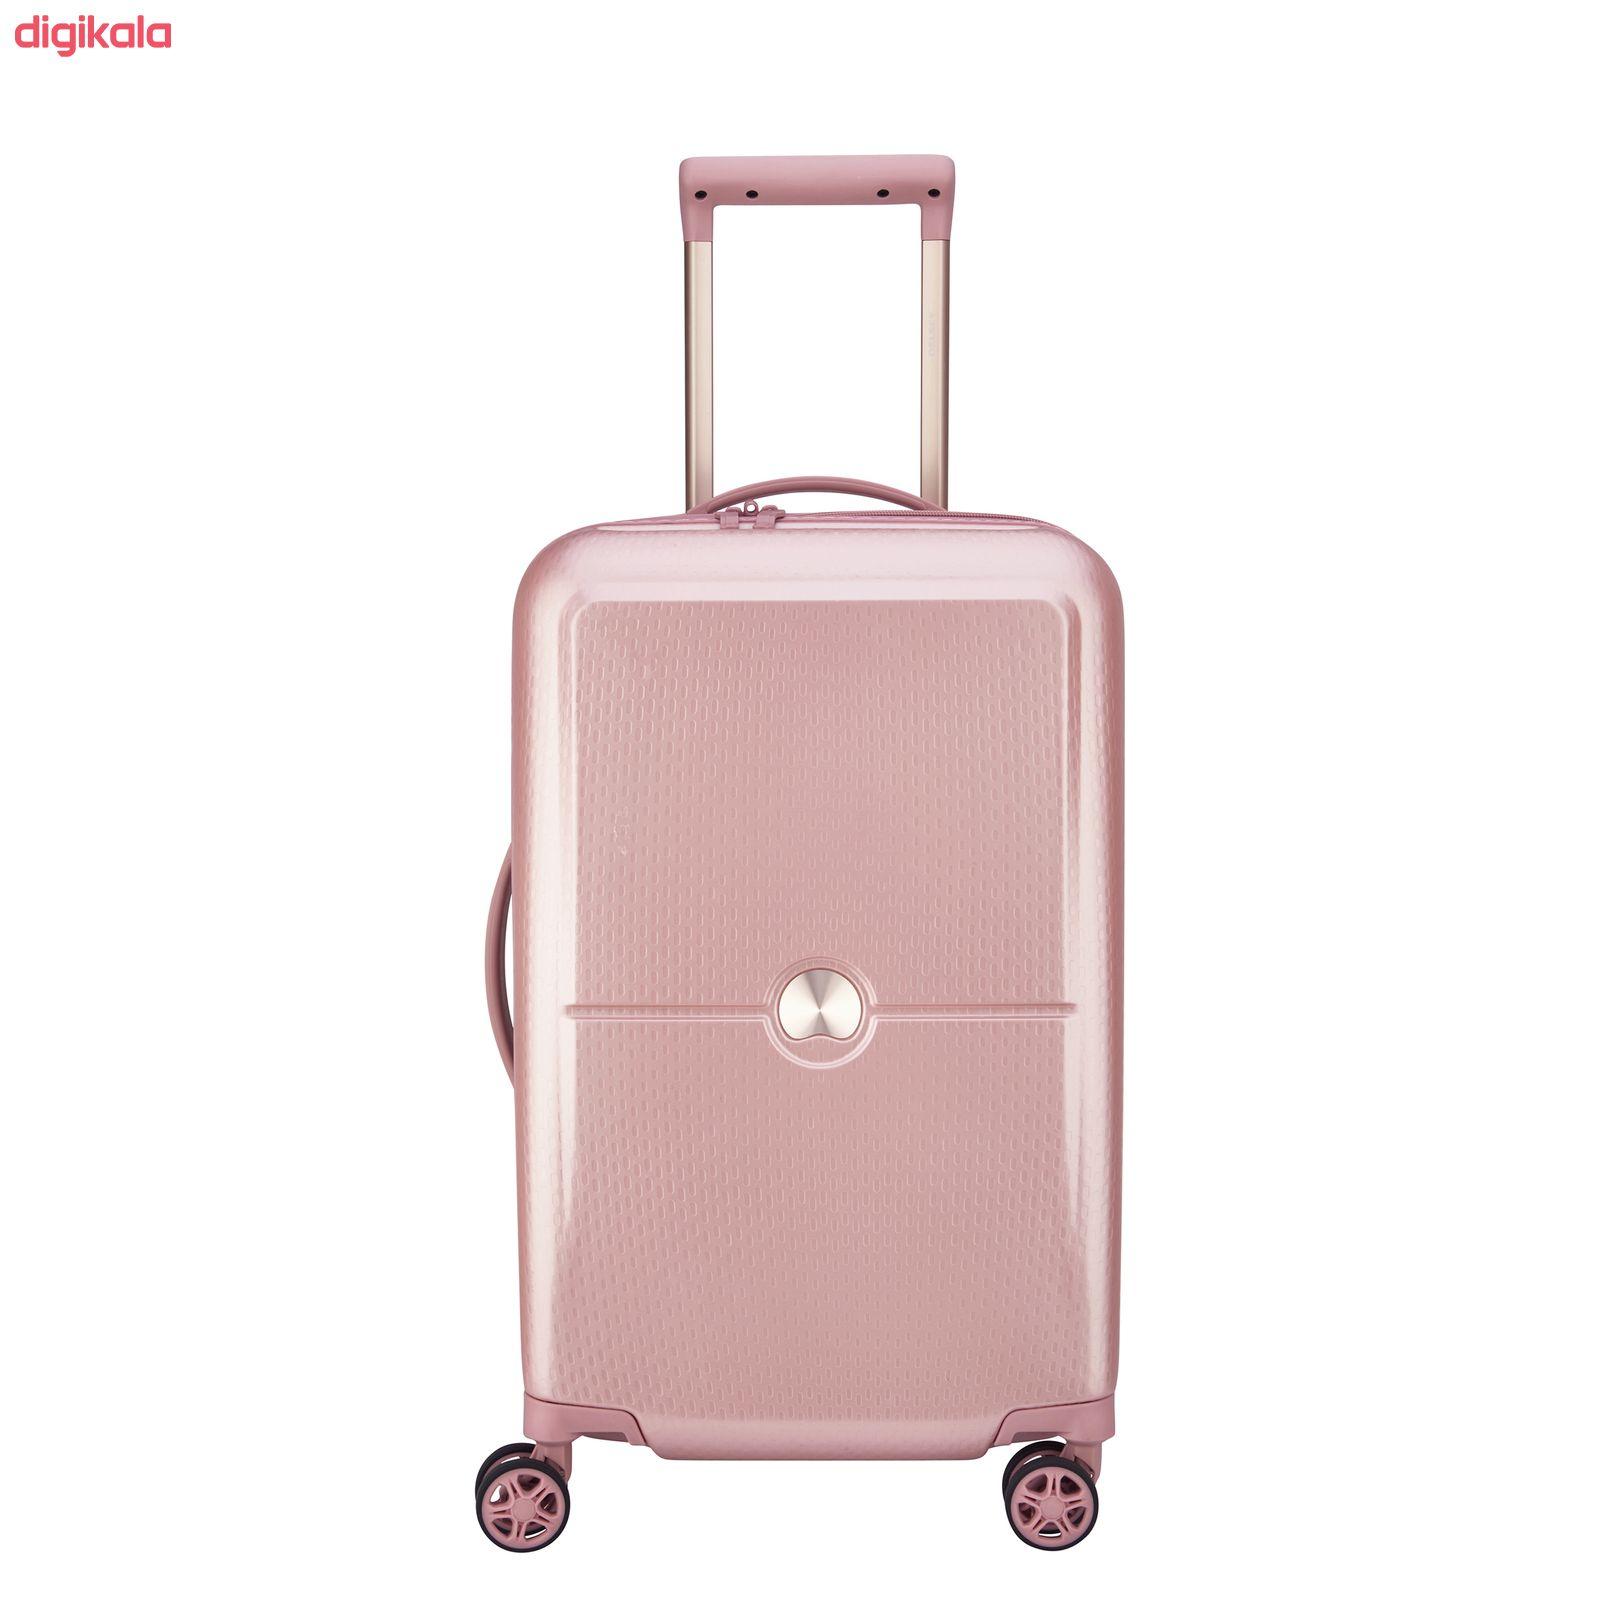 چمدان دلسی مدل TURENNE کد 1621801 سایز کوچک main 1 18